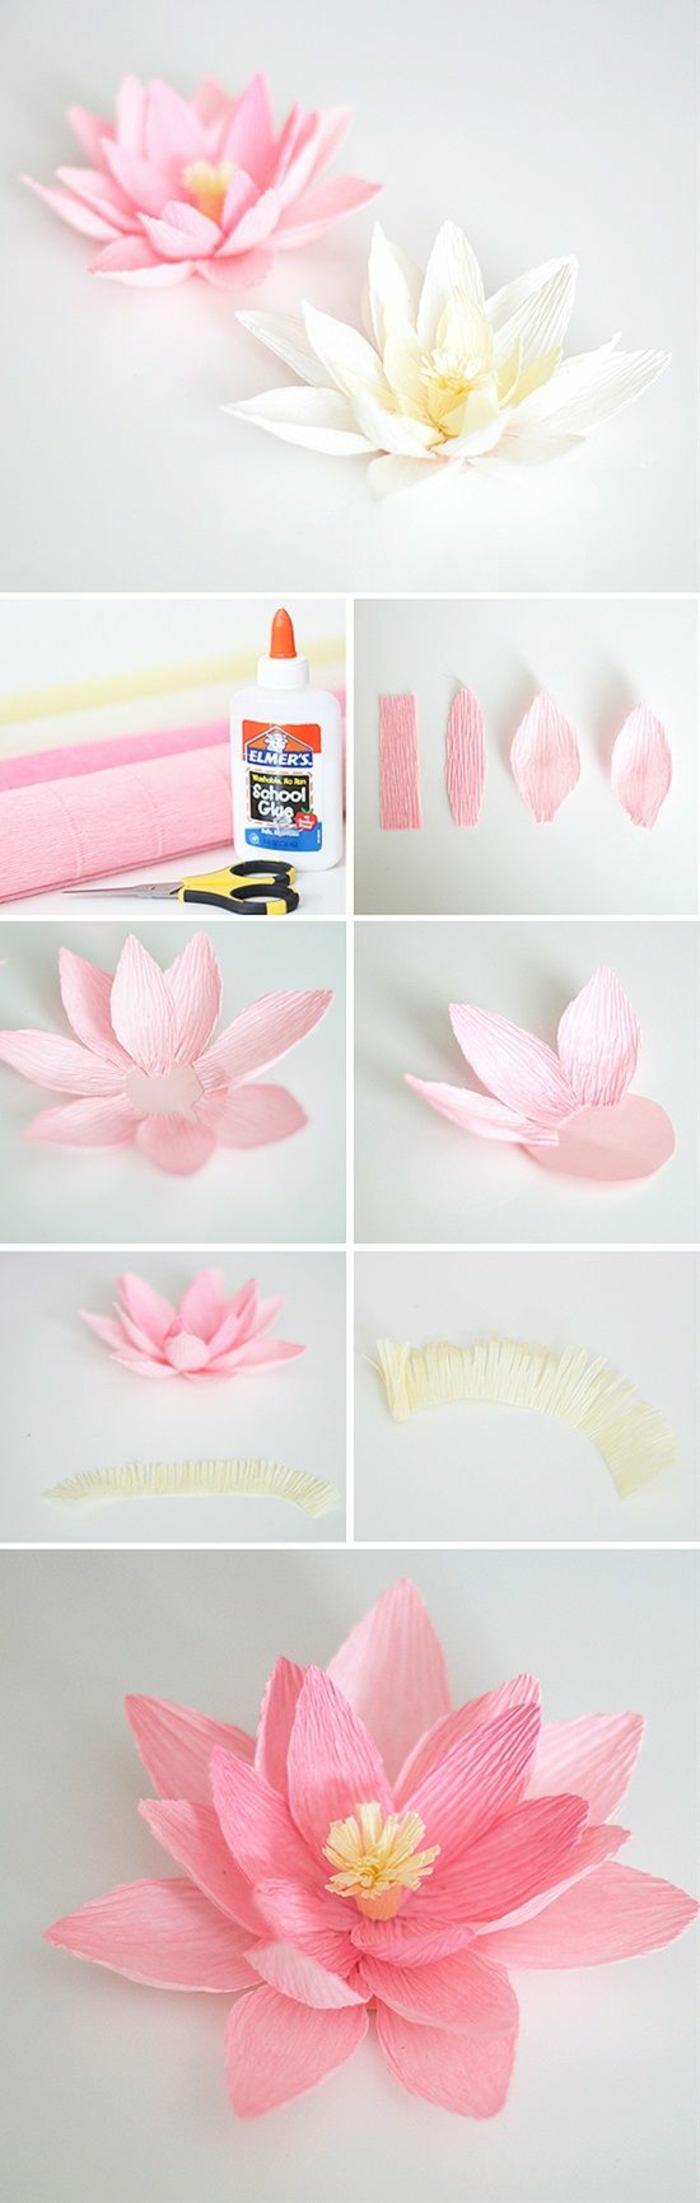 Idee artigianali con della carta, tutorial come realizzare dei fiori fai da te